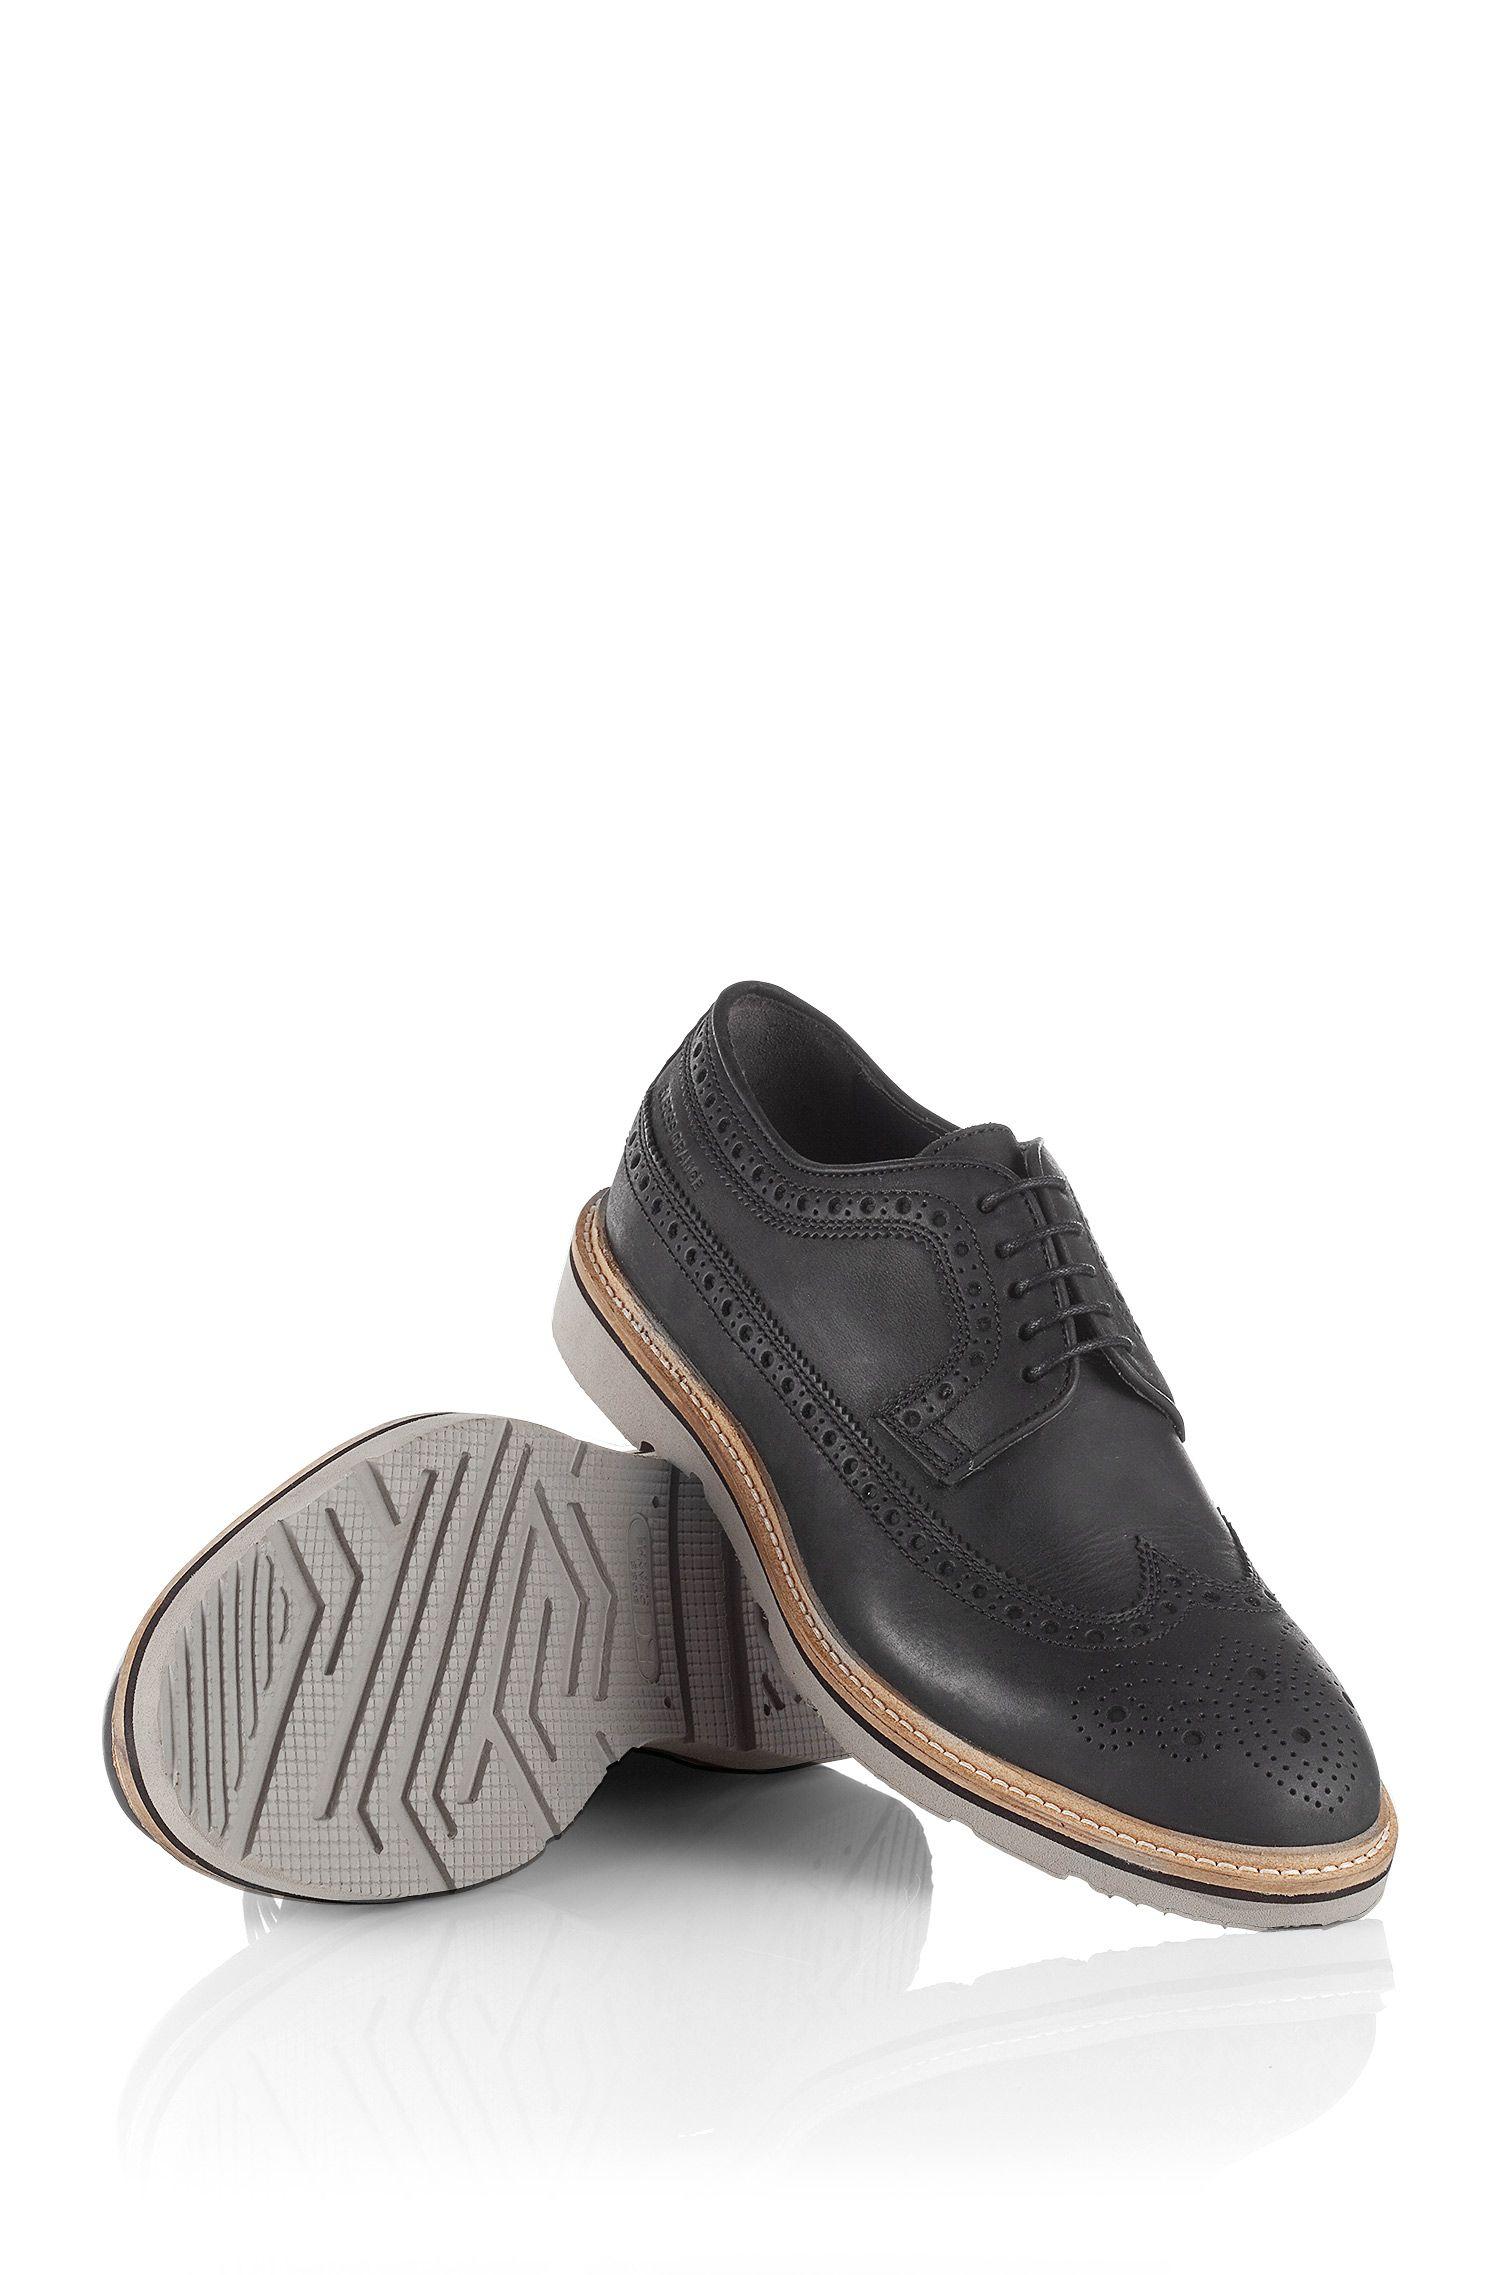 Chaussures basses en cuir de vachette, Bravox